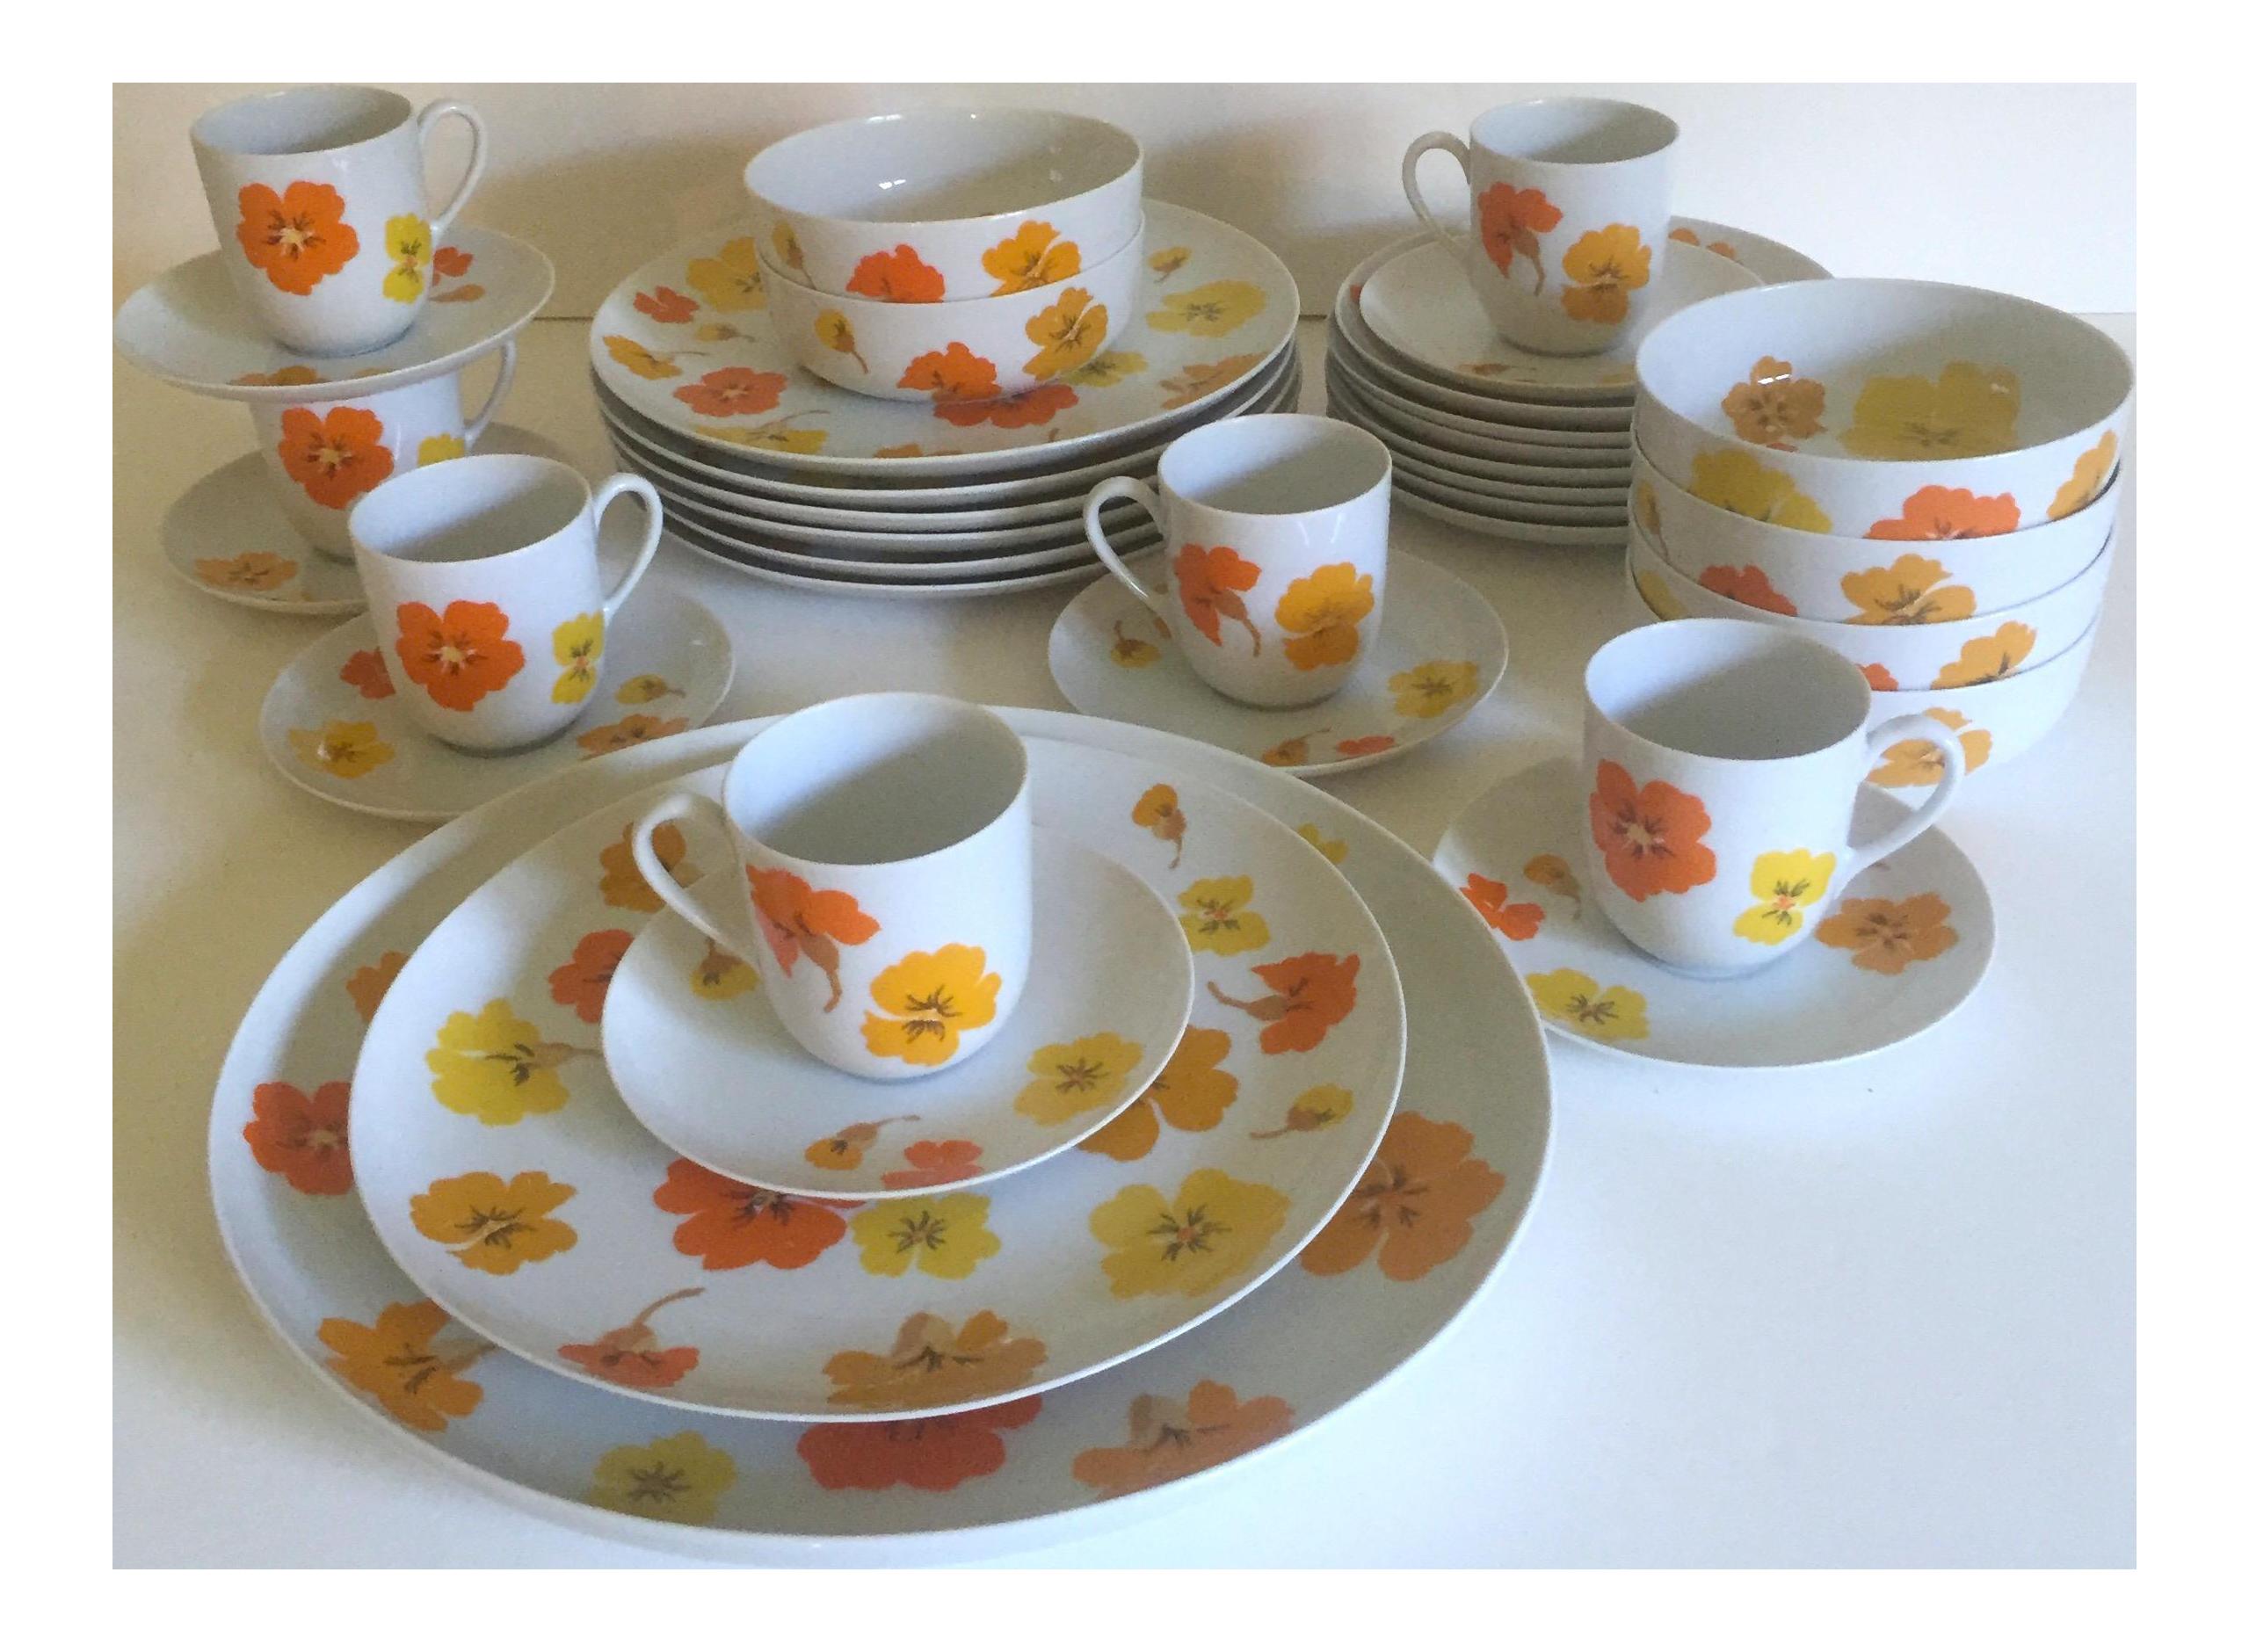 Mid Century Modern Suisse Langenthal Nasturtium Porcelain Dinnerware - Set of 35 | Chairish  sc 1 st  Chairish & Mid Century Modern Suisse Langenthal Nasturtium Porcelain Dinnerware ...